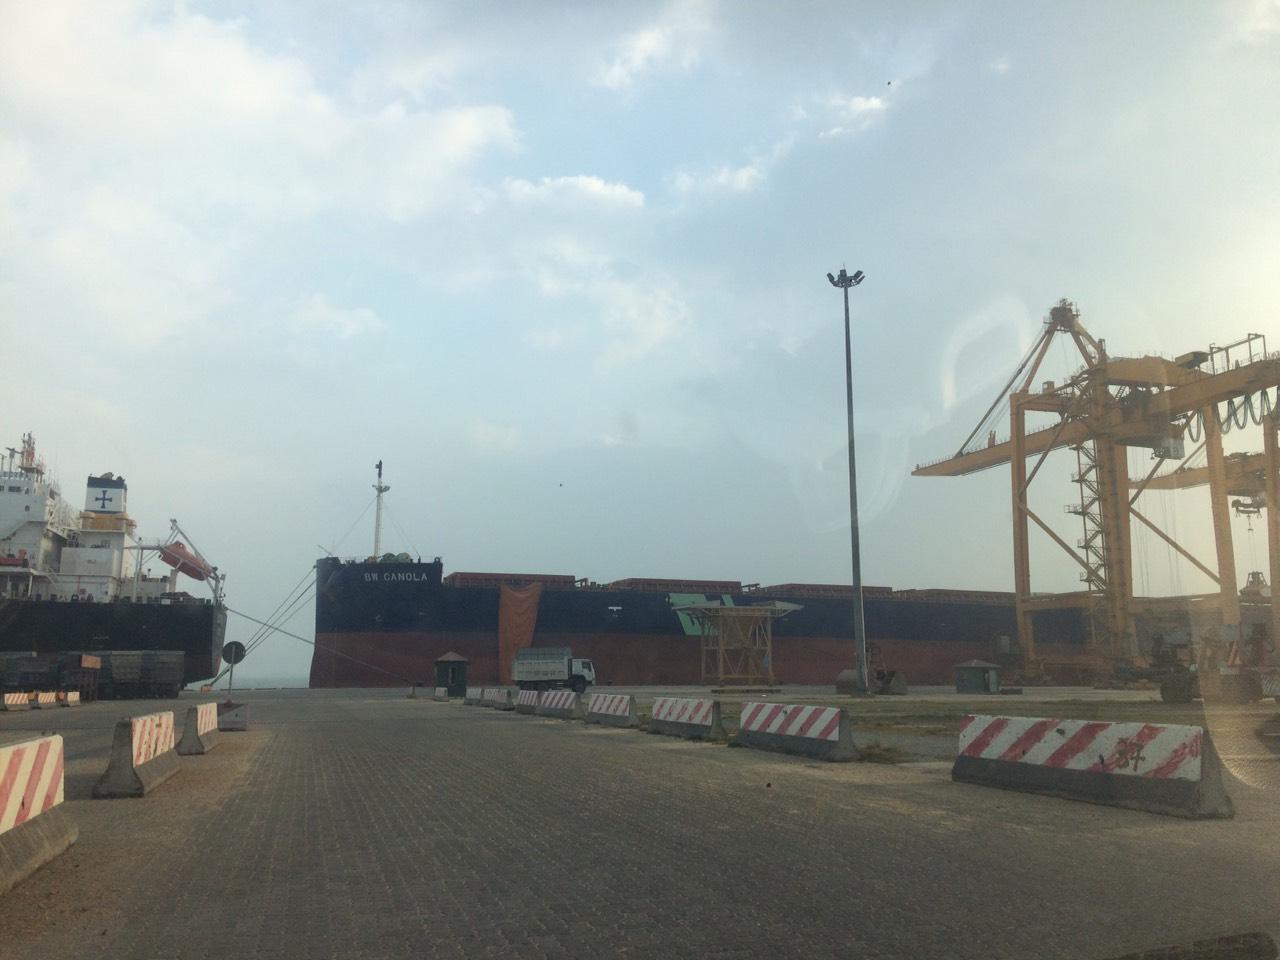 Hai Tầu Nông Sản CANOLA và AVALON Cảng Cái Lân